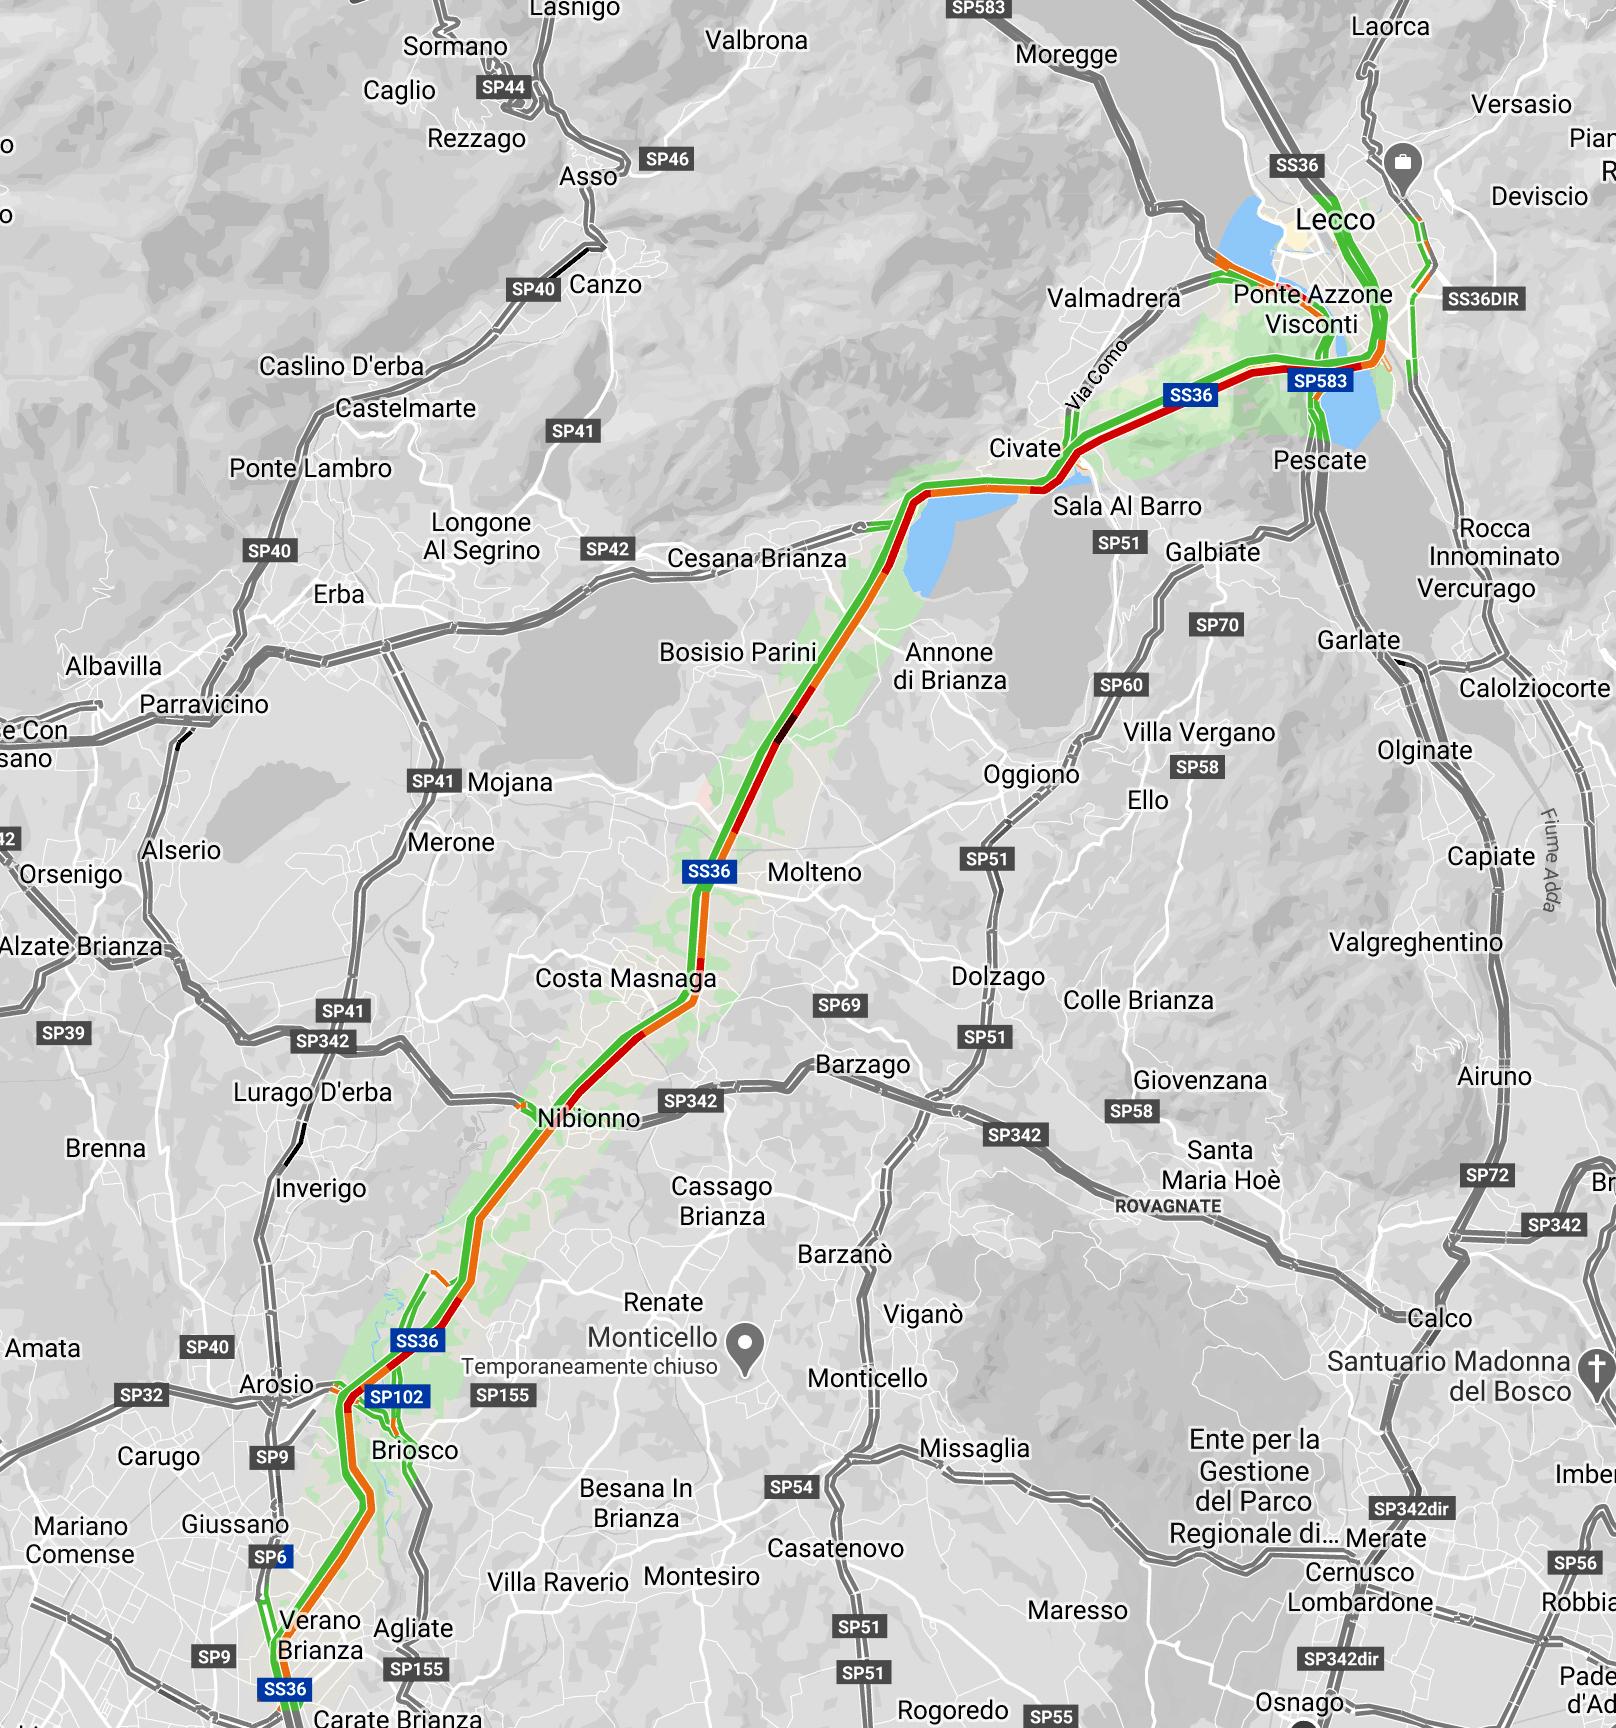 traffico ss36 1 giugno 2020-2